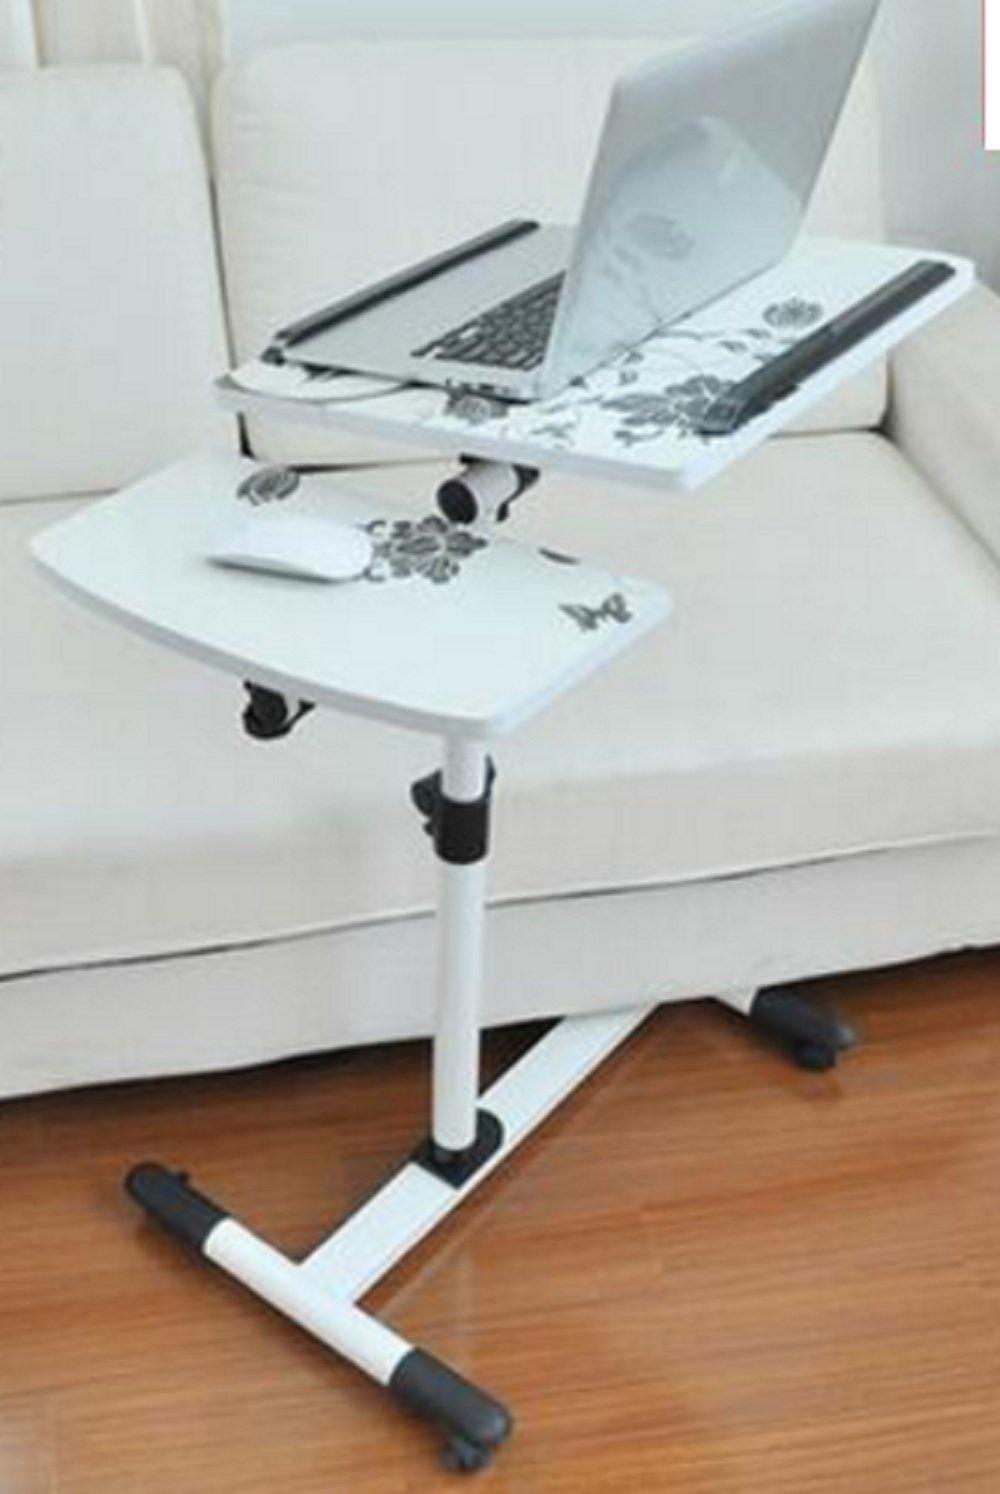 Adjustable Lift Computer Desk for studding or working comfort